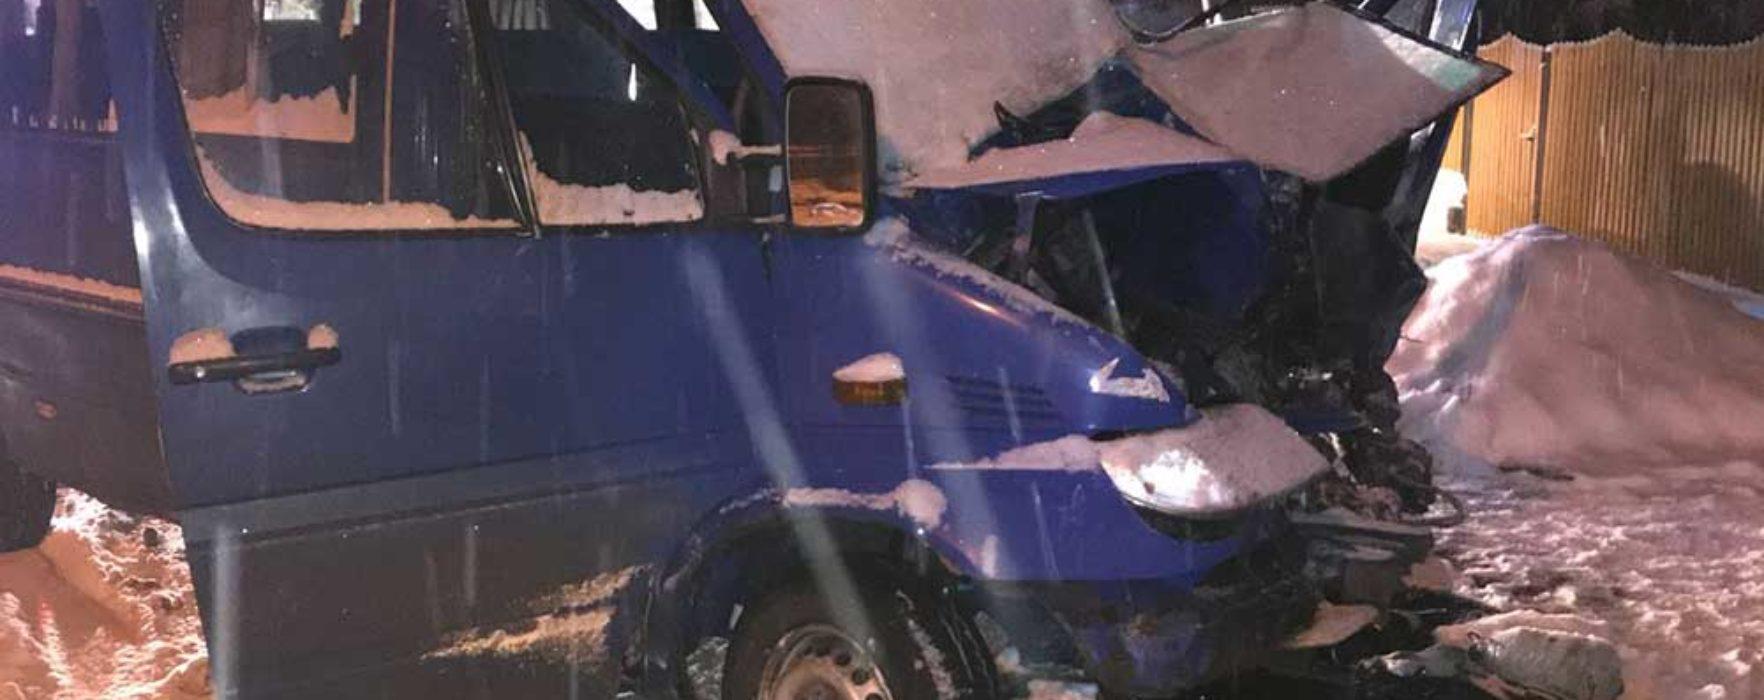 Dâmboviţa: Coliziune între un autobuz şi un microbuz la Moreni, o persoană rănită